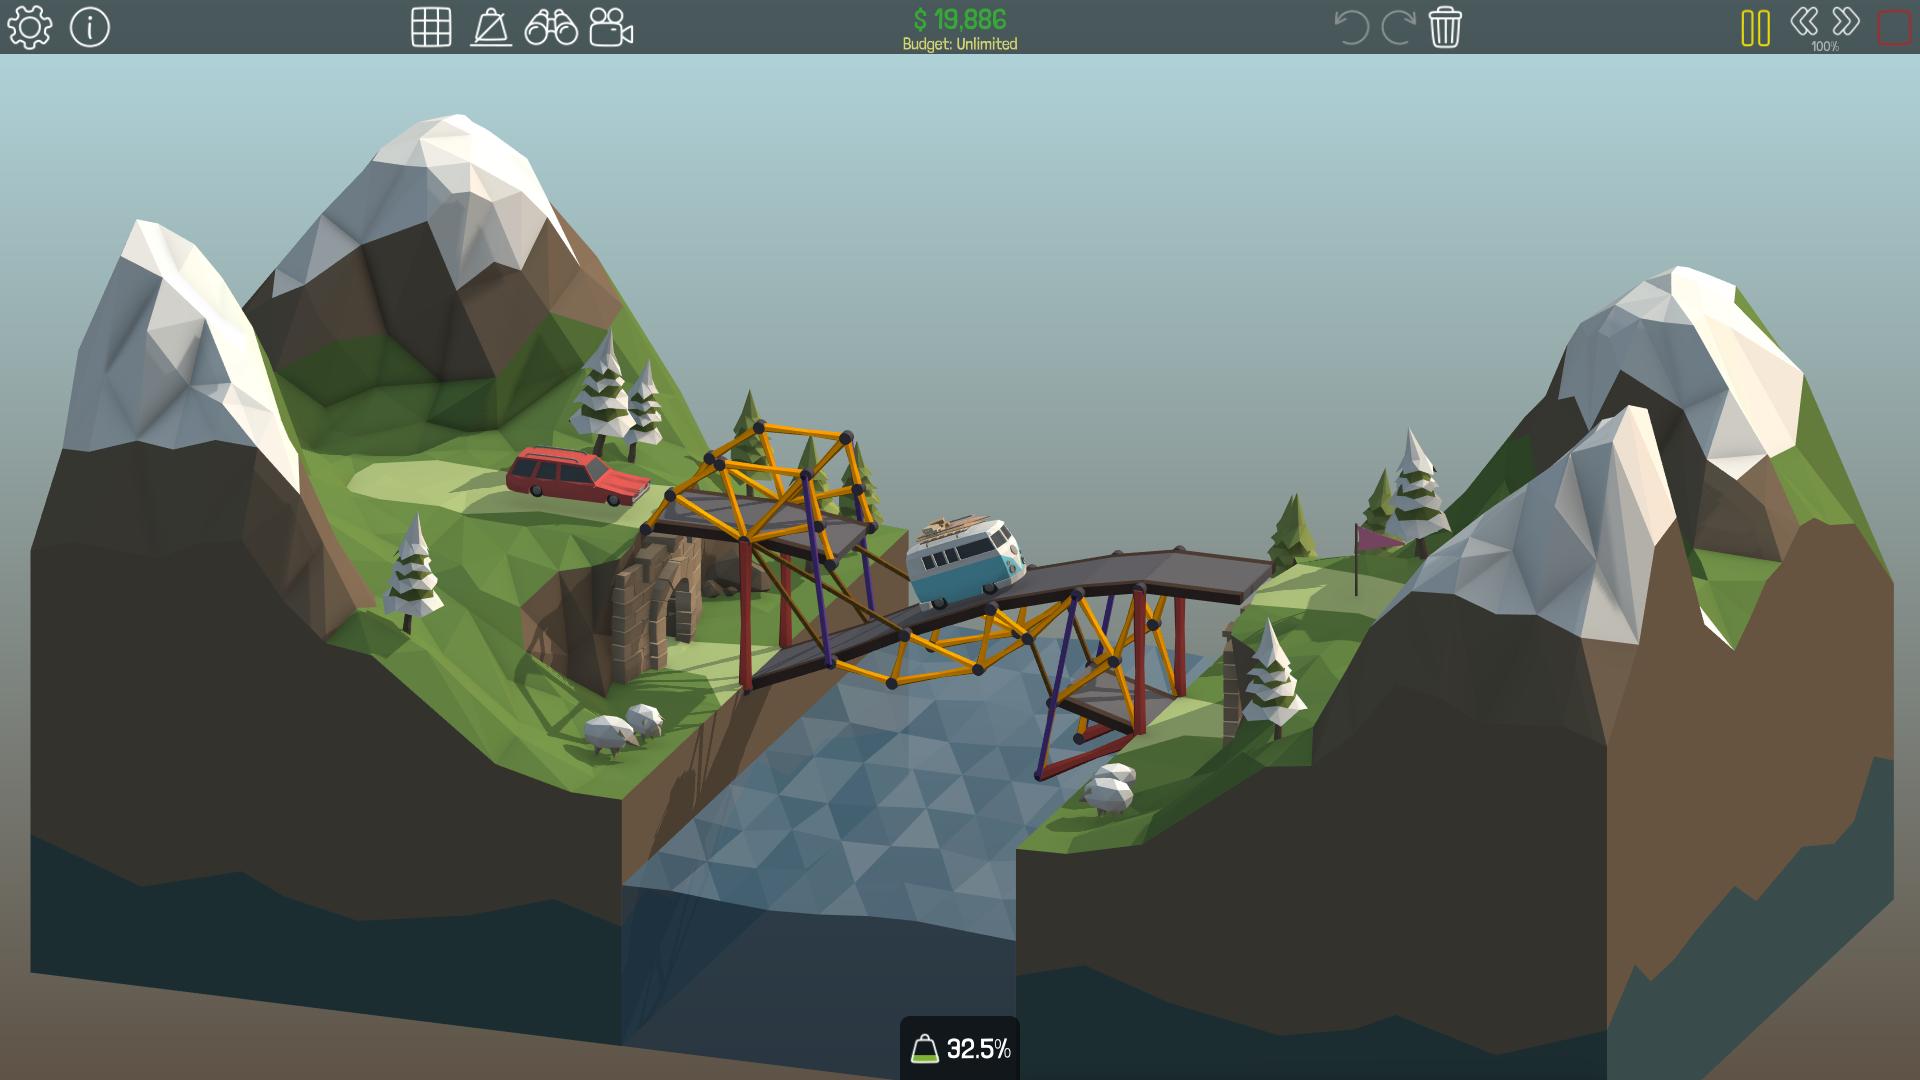 poly - Tải game Poly Bridge mô phỏng xây cầu độc đáo trên PC